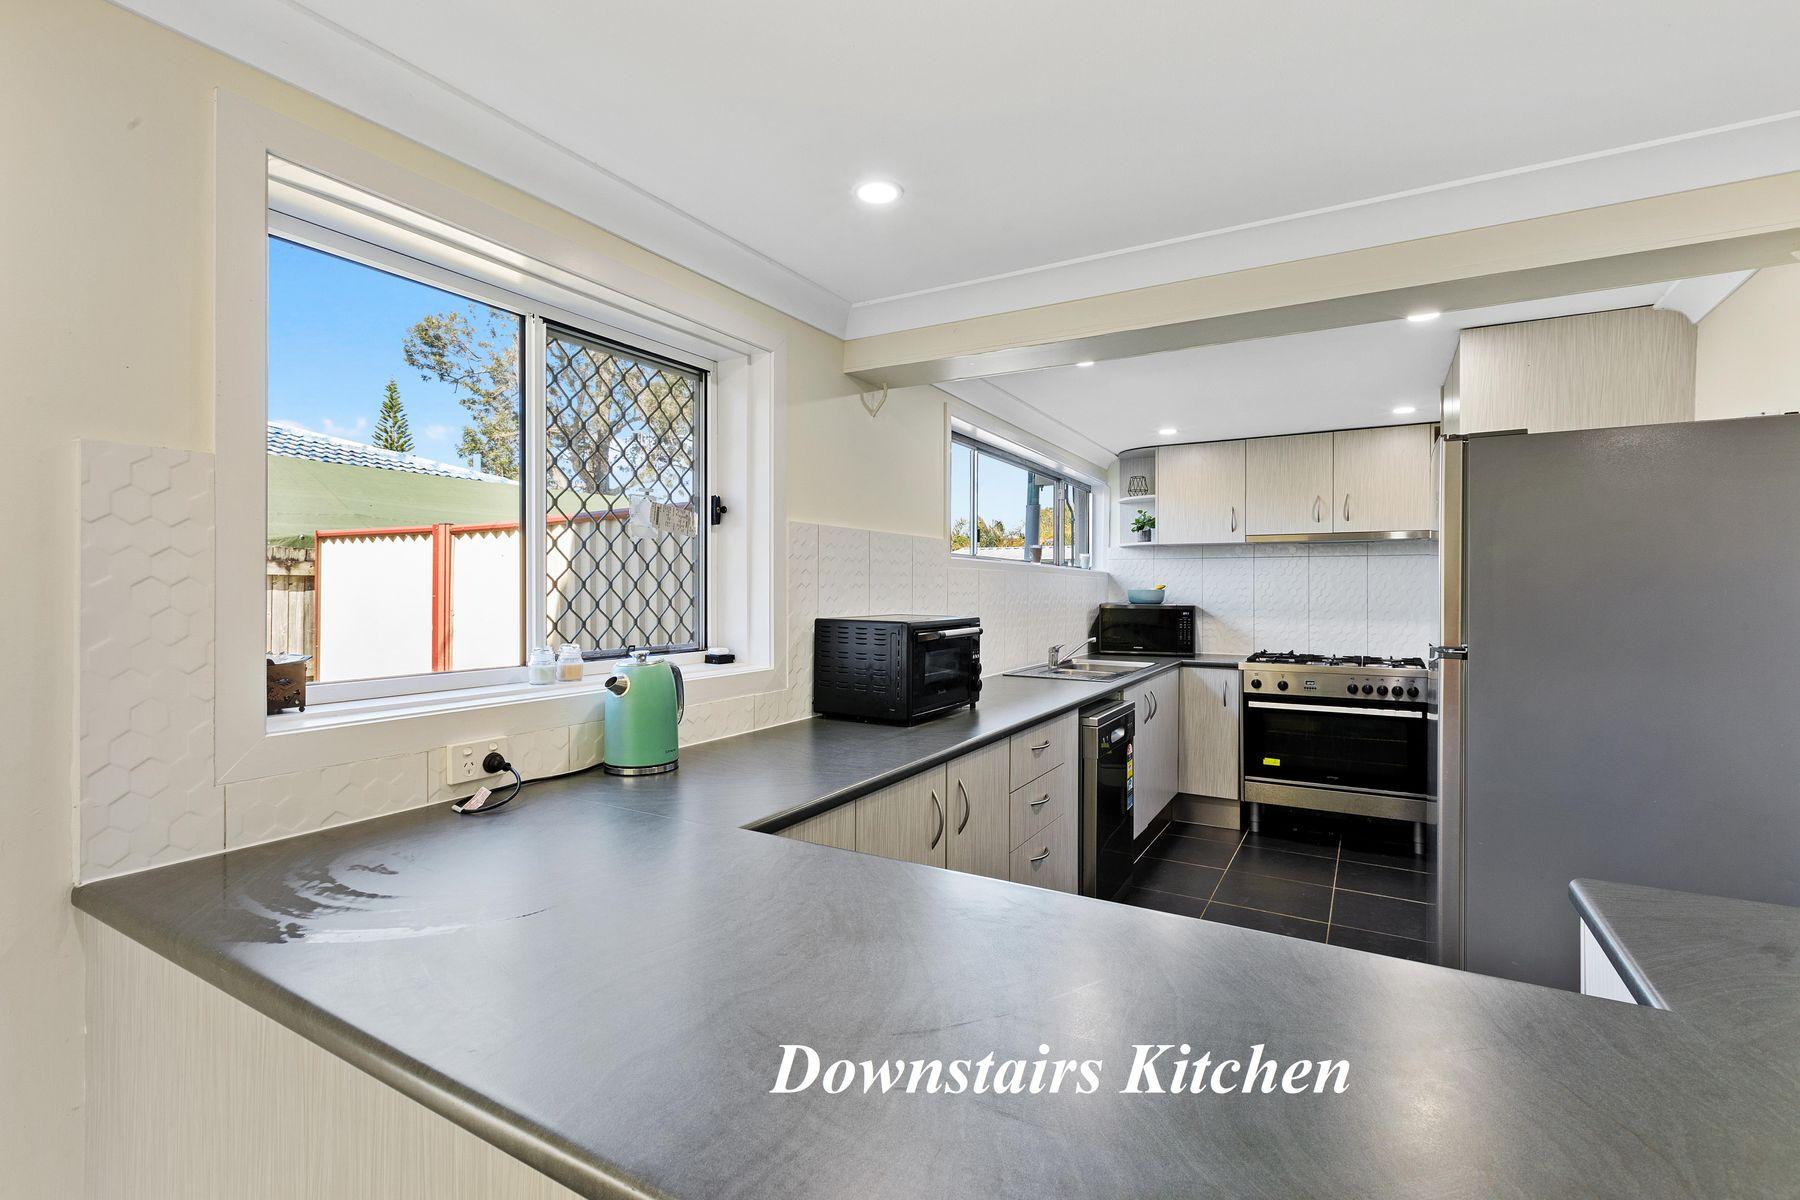 7 Macarthur Crescent, Slacks Creek, QLD 4127